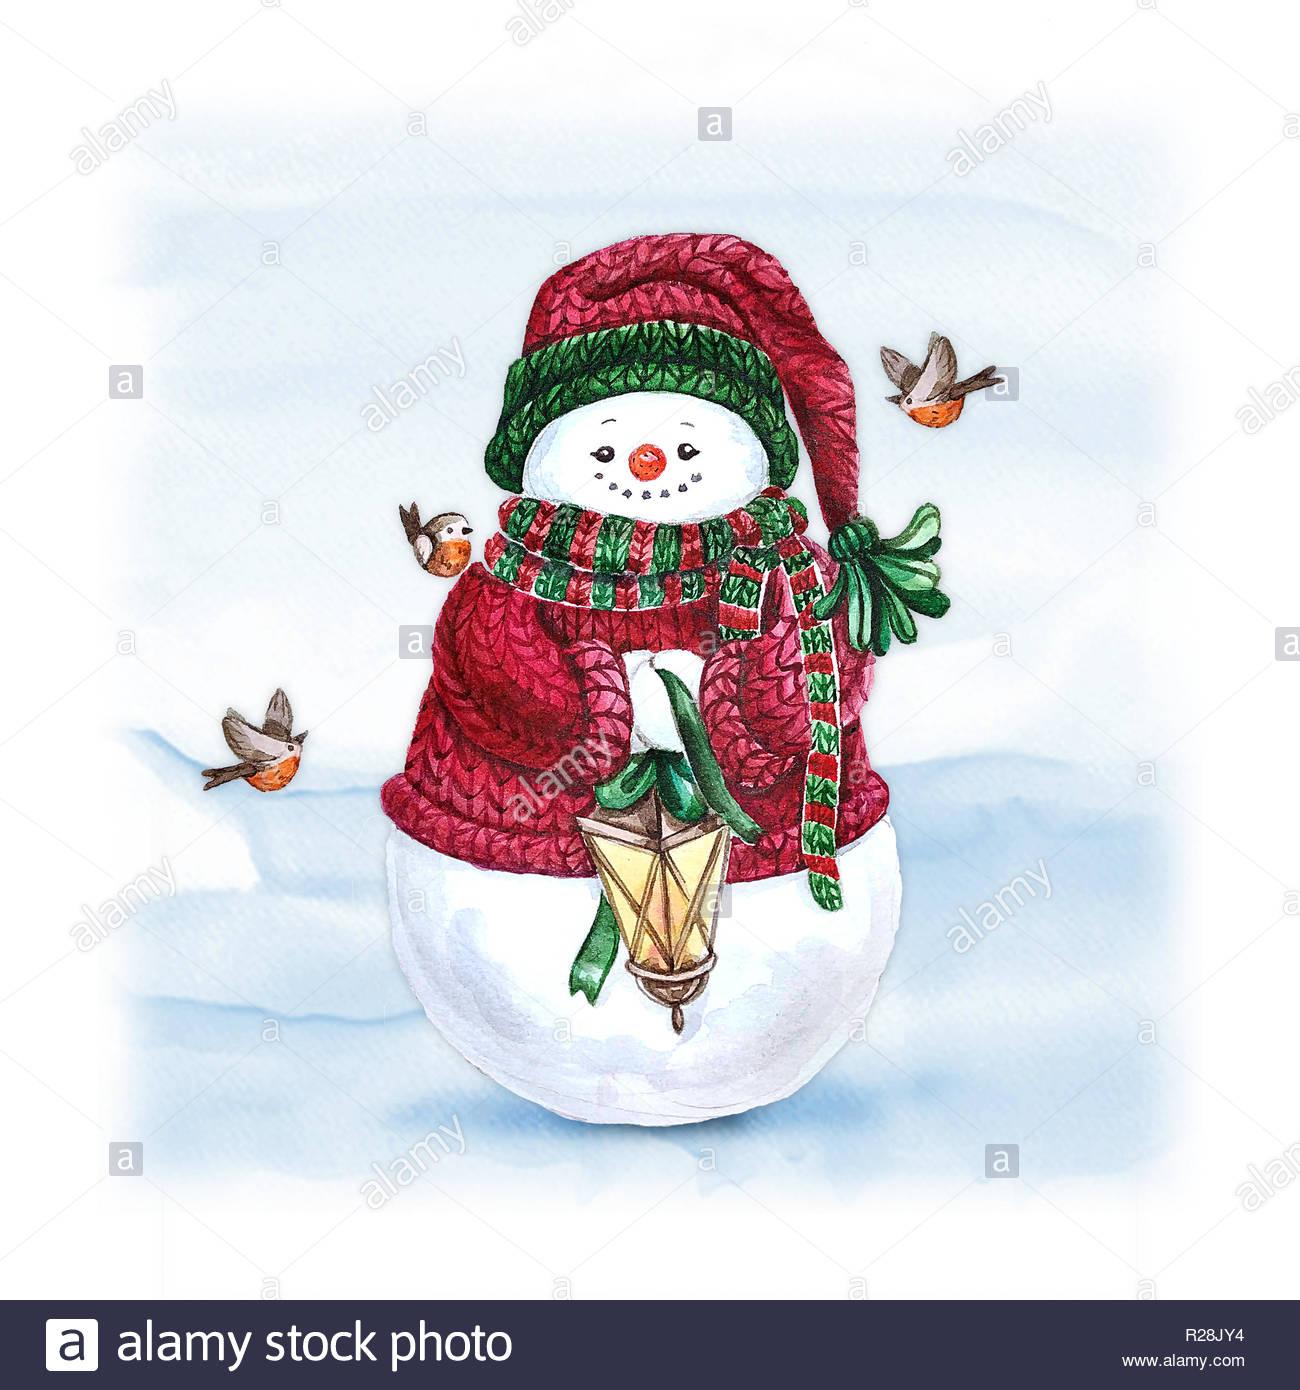 Snowman Aquarelle Avec Lanterne. Maison De Vacances Imprimer encequiconcerne Décorations De Noel À Imprimer